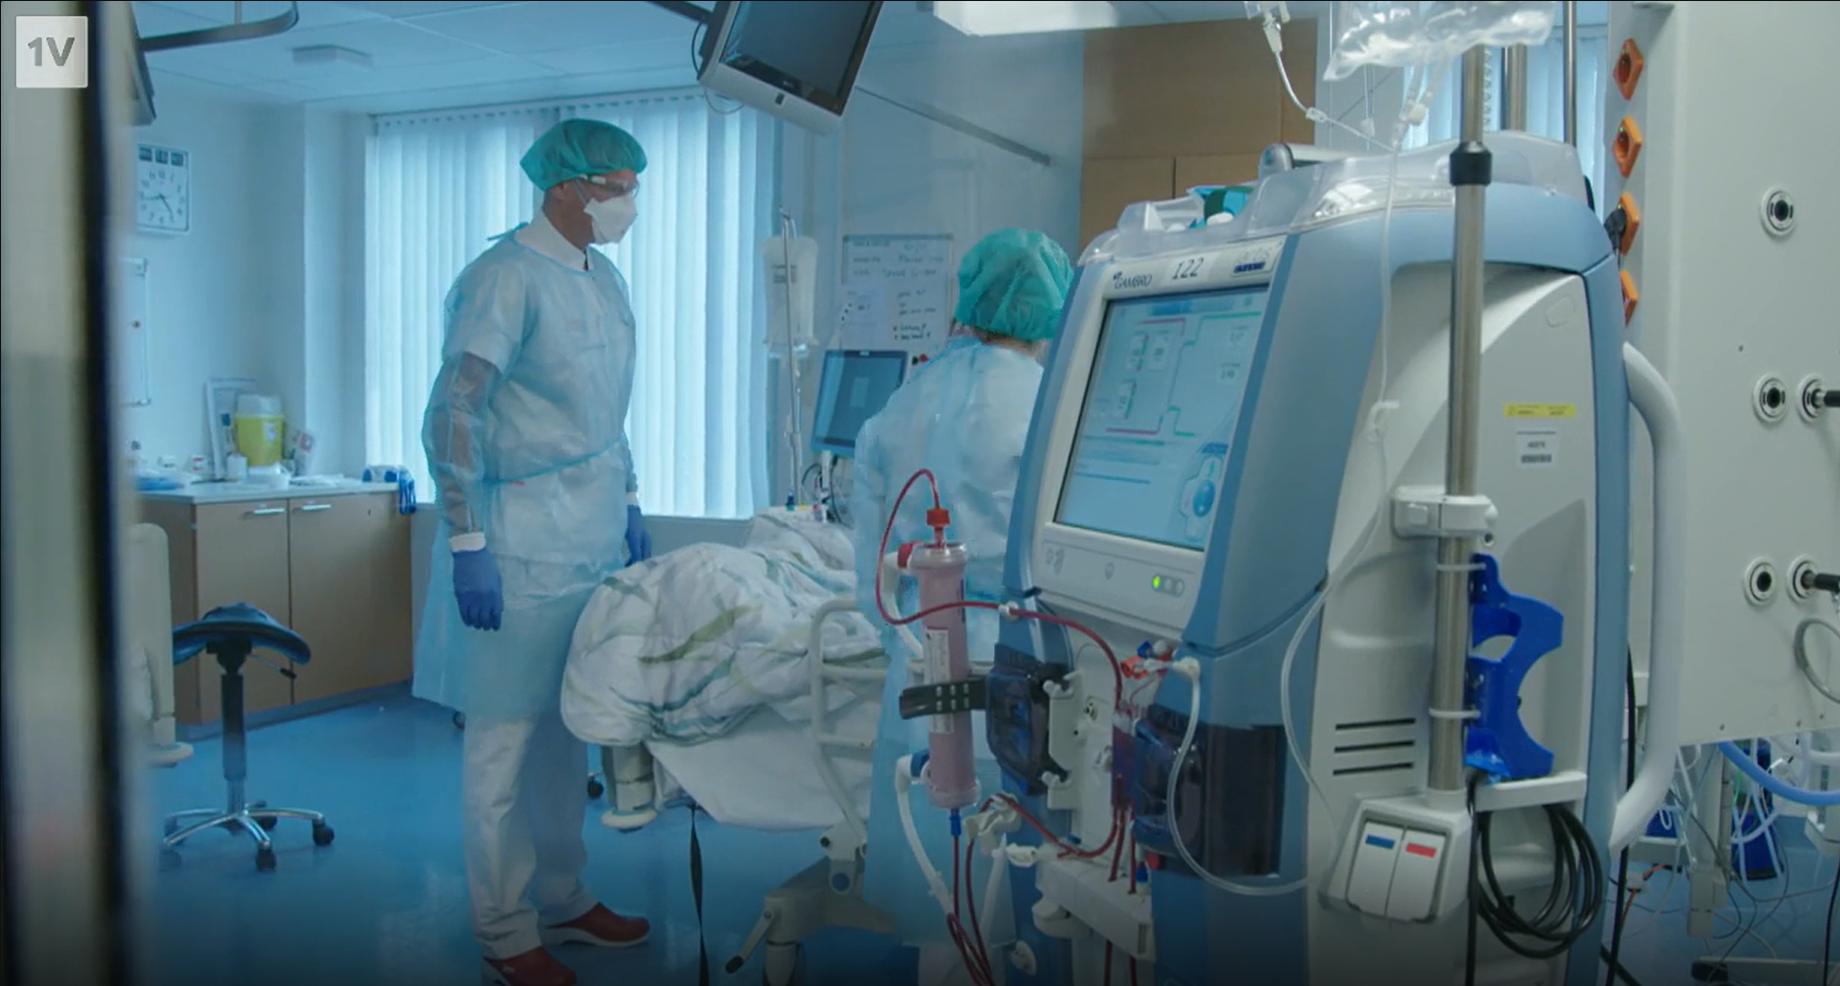 'Verdubbeling aantal ziekenhuispatiënten dreigt'